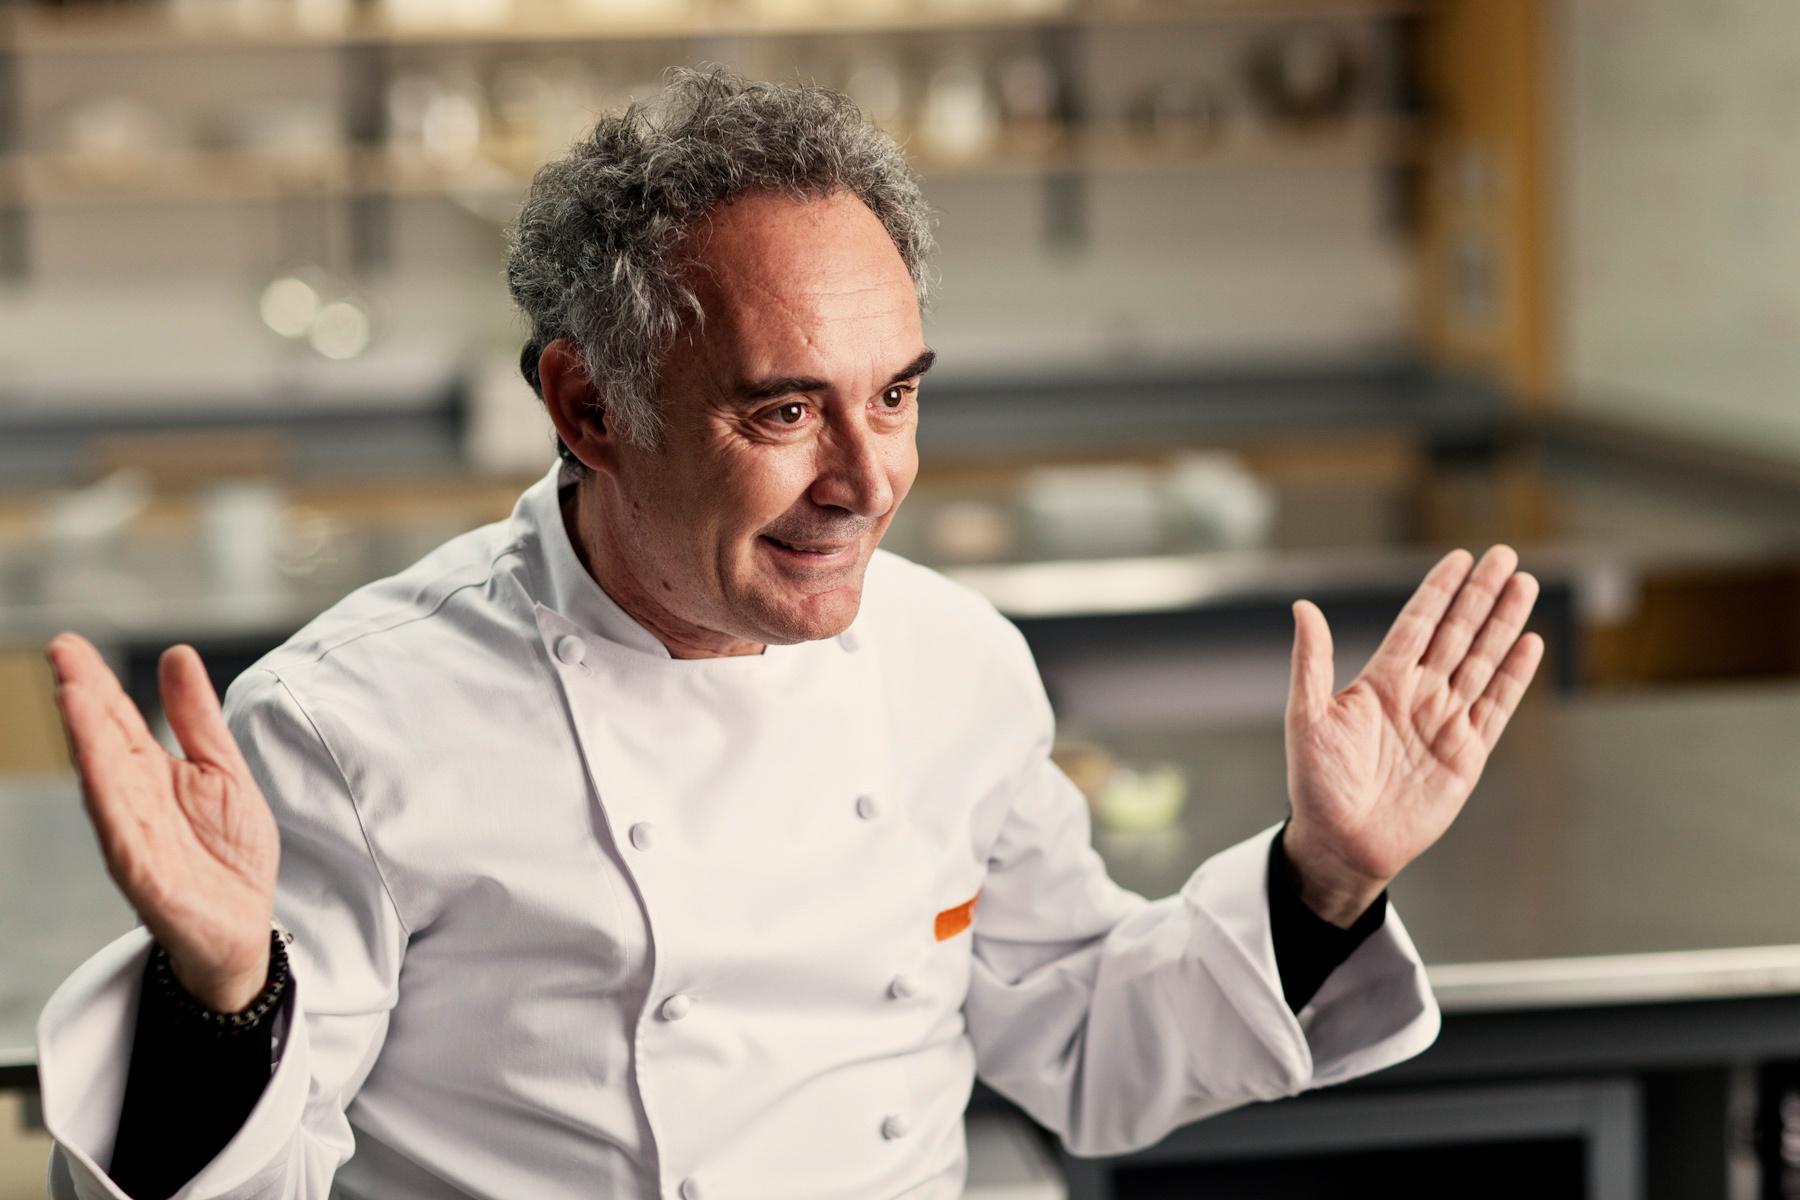 Godere, piacere, lavoro. Ferran Adrià si racconta - Slow Food - Buono, Pulito e Giusto.